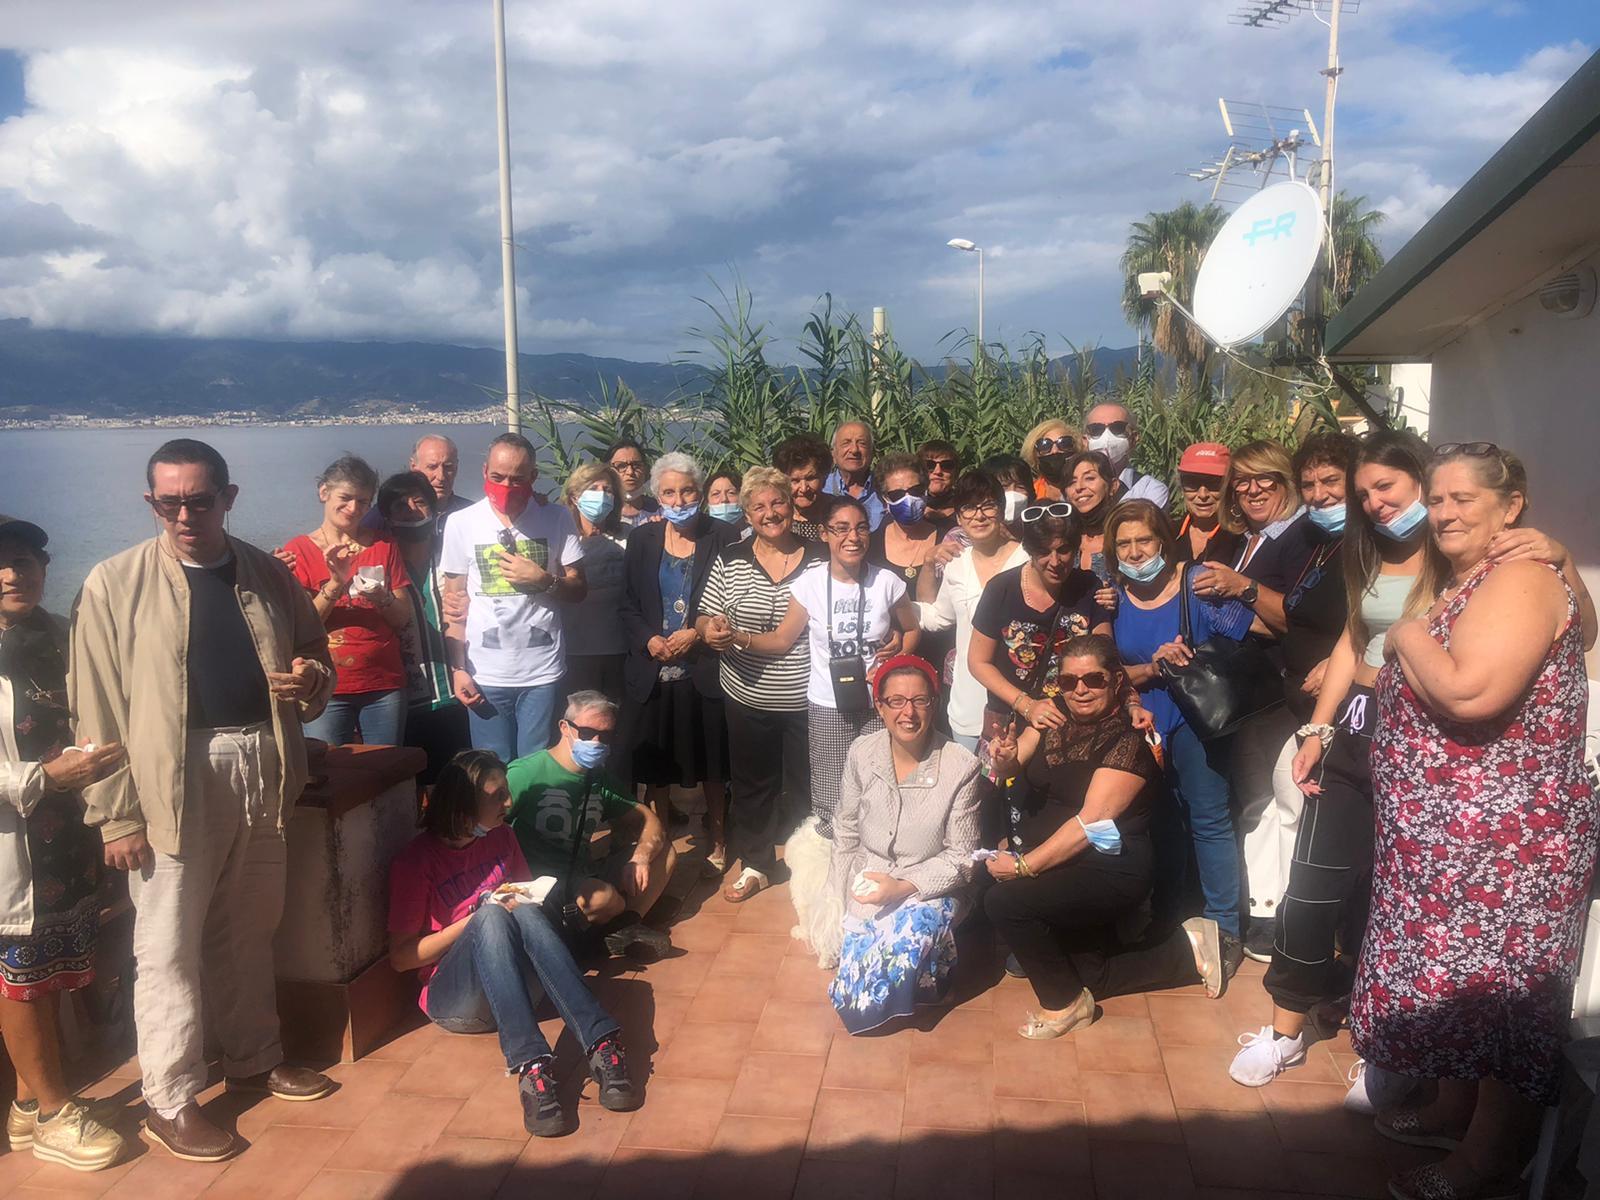 Centro diurno chiuso da due anni: familiari dei disabili sul piede di guerra